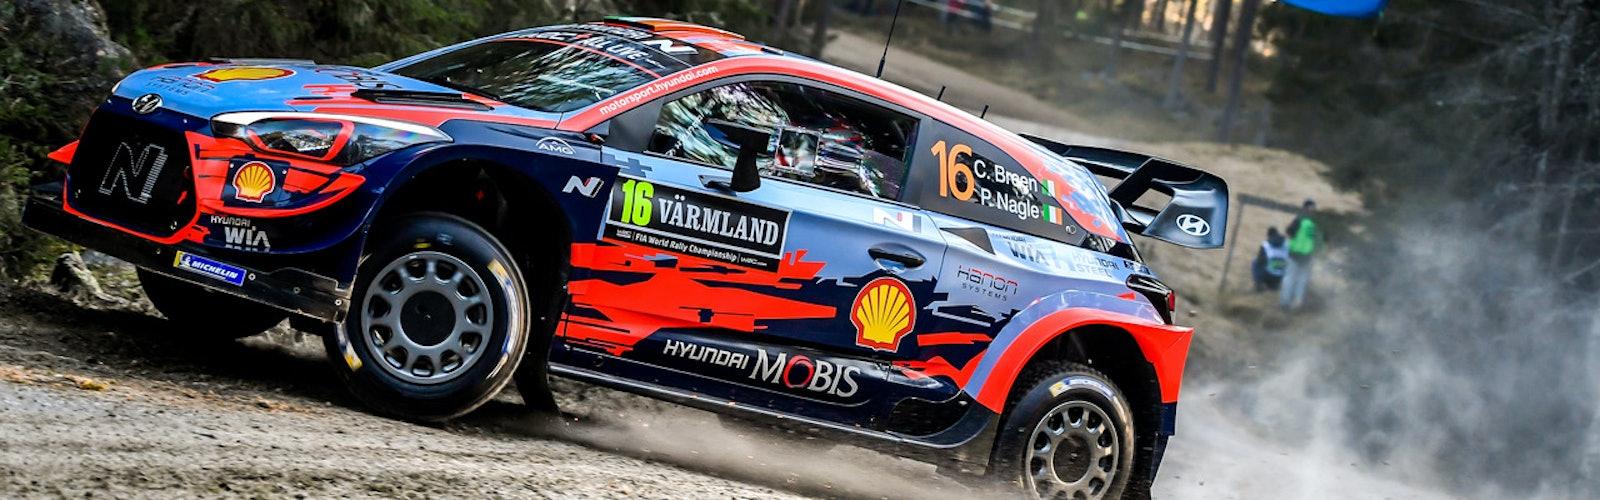 Craig Breen Hyundai WRC Rally Sweden 2020